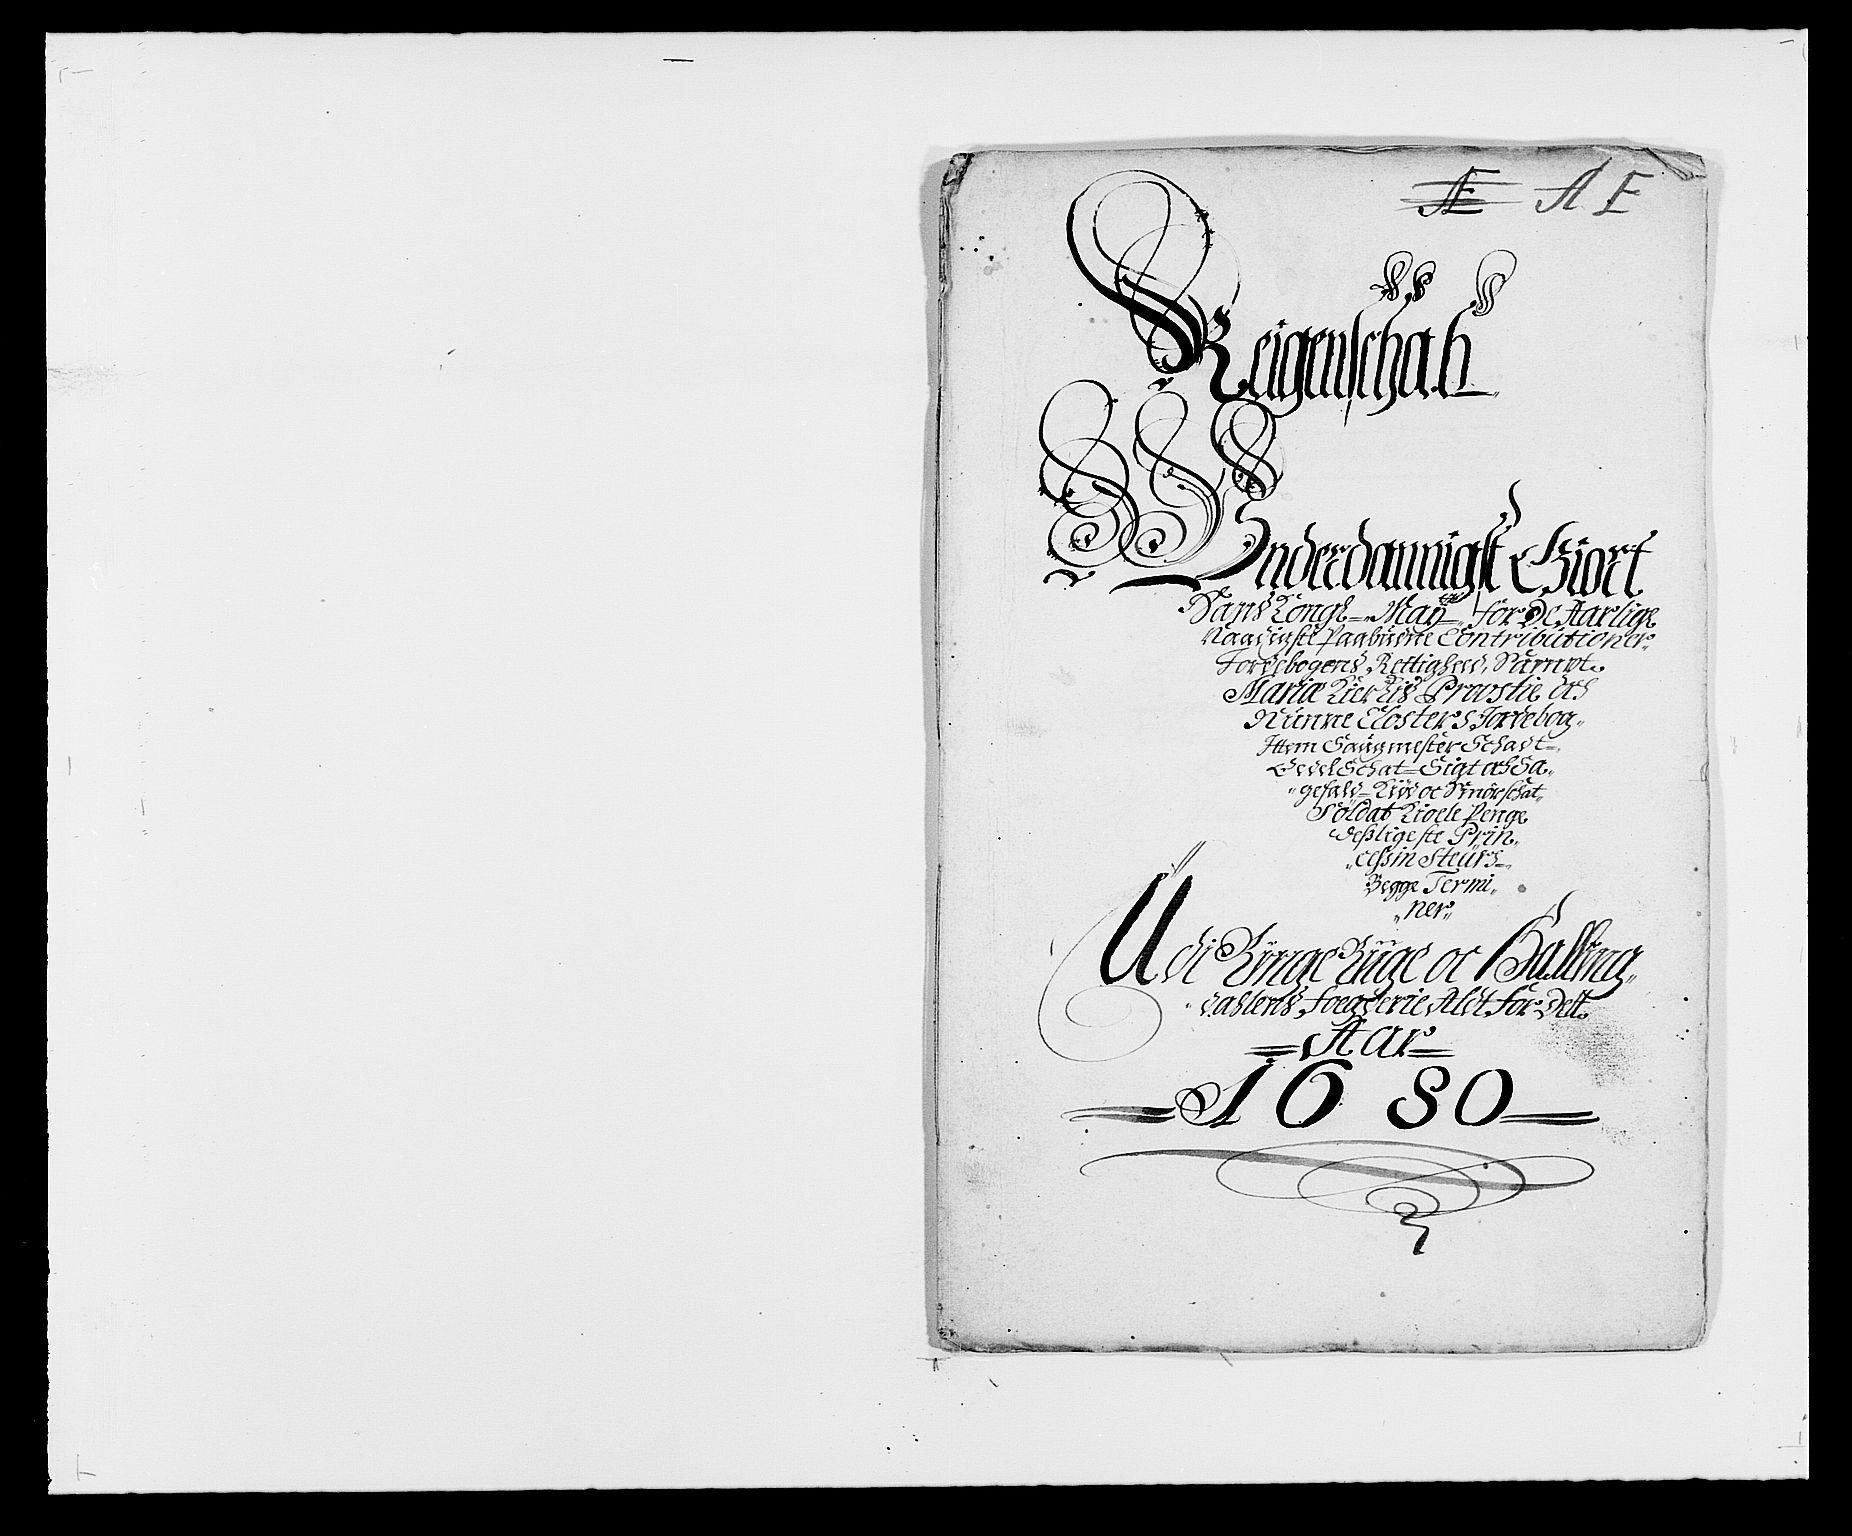 RA, Rentekammeret inntil 1814, Reviderte regnskaper, Fogderegnskap, R21/L1444: Fogderegnskap Ringerike og Hallingdal, 1680-1681, s. 1